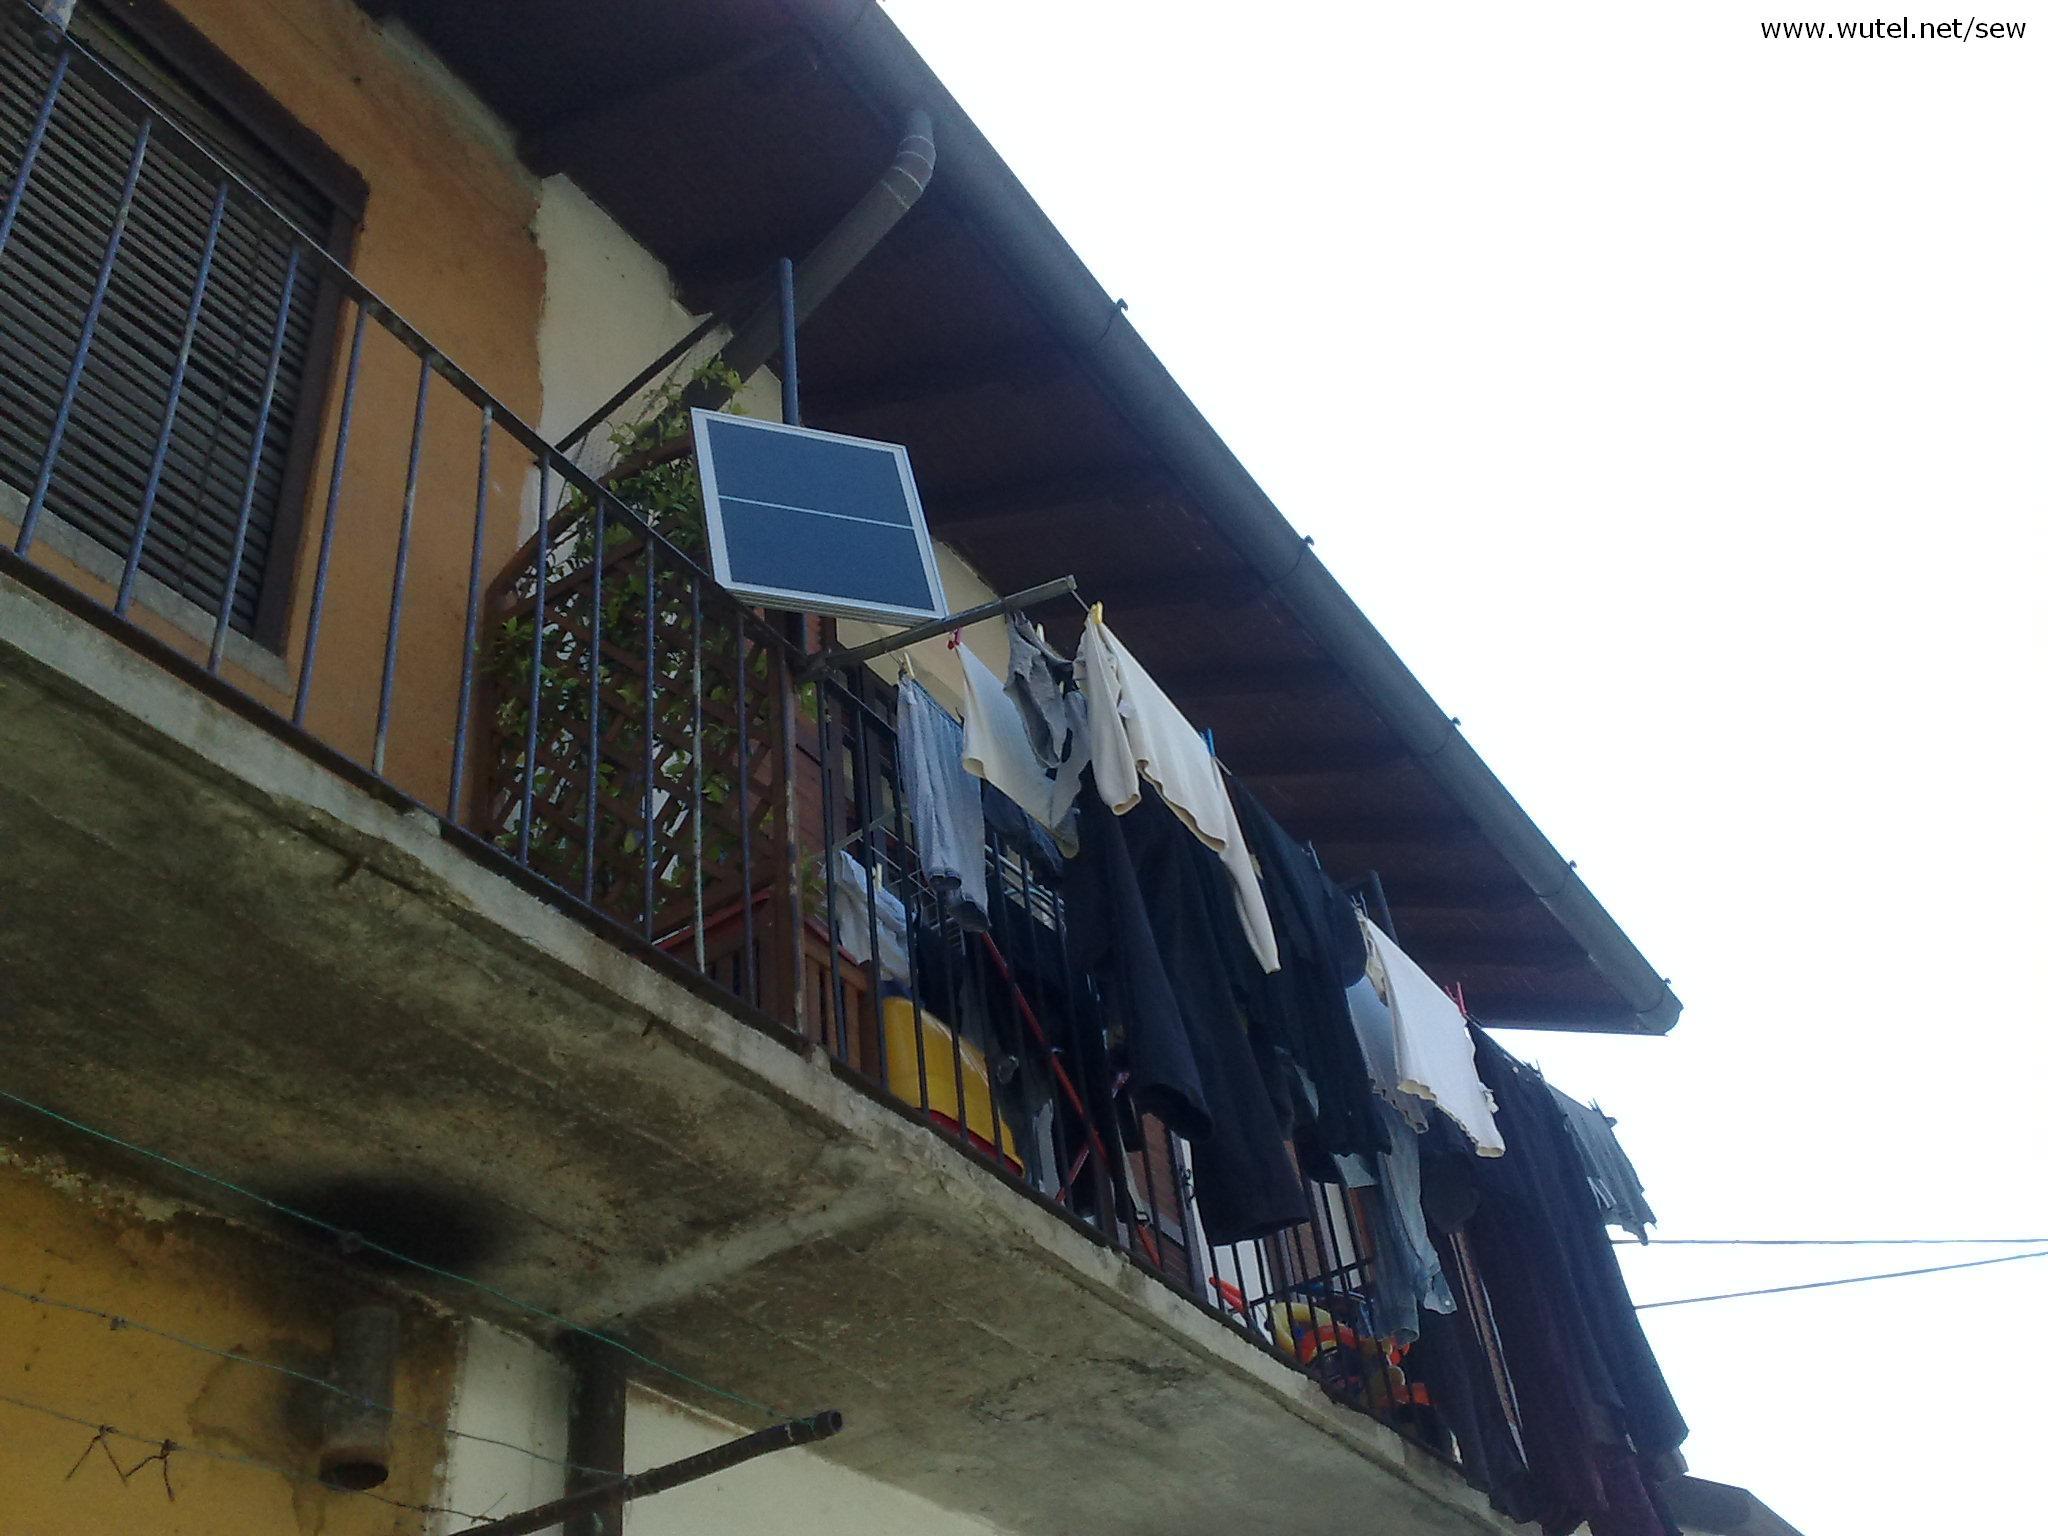 Pannello Solare Per Balcone : Wutel sole